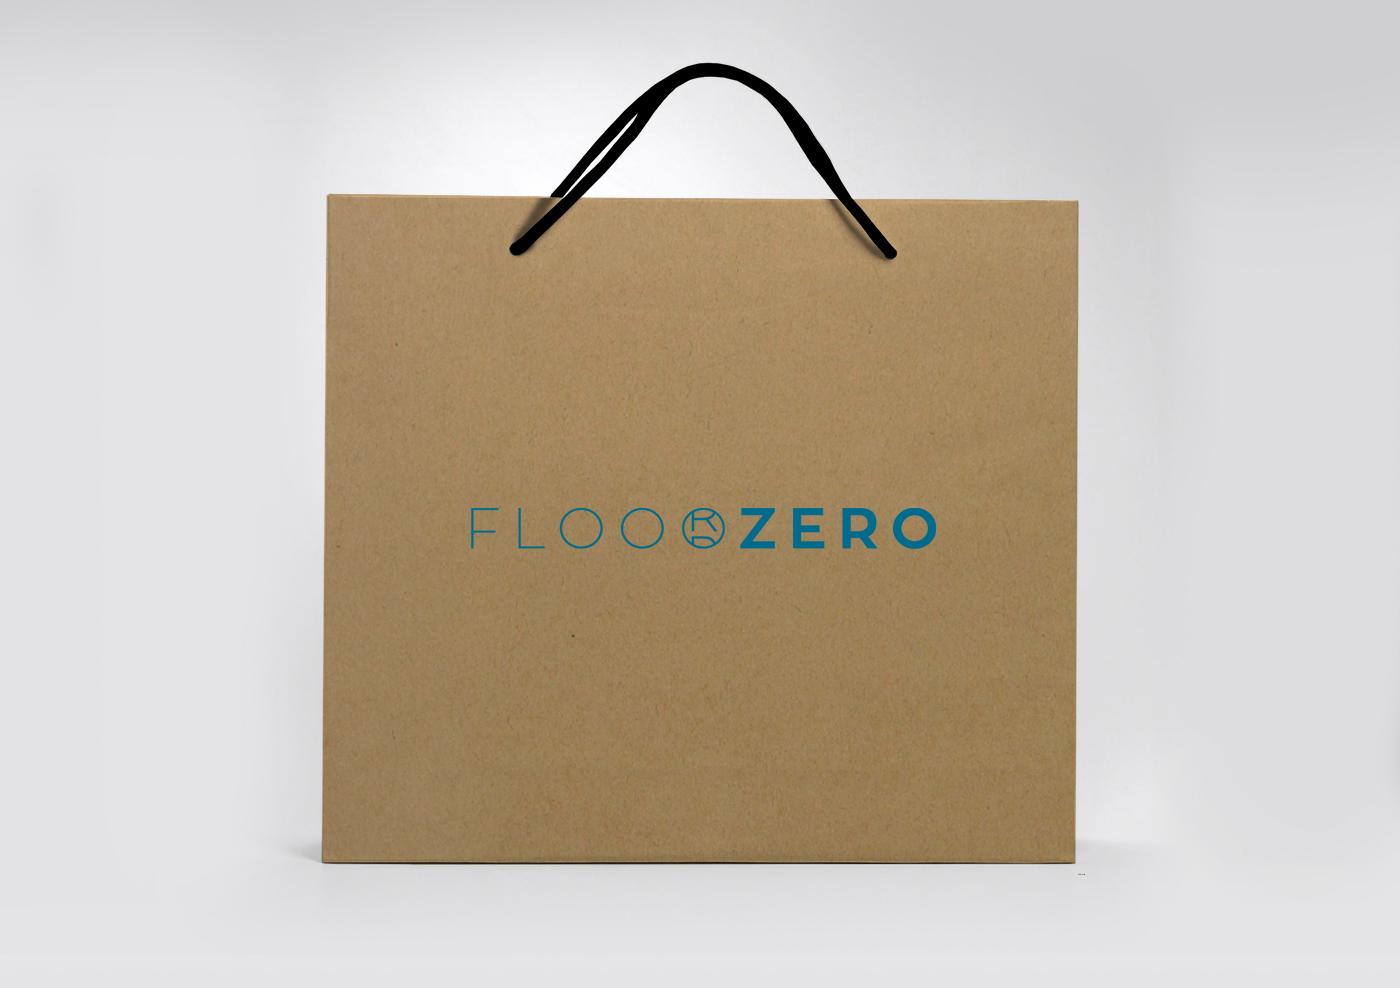 FloorZero